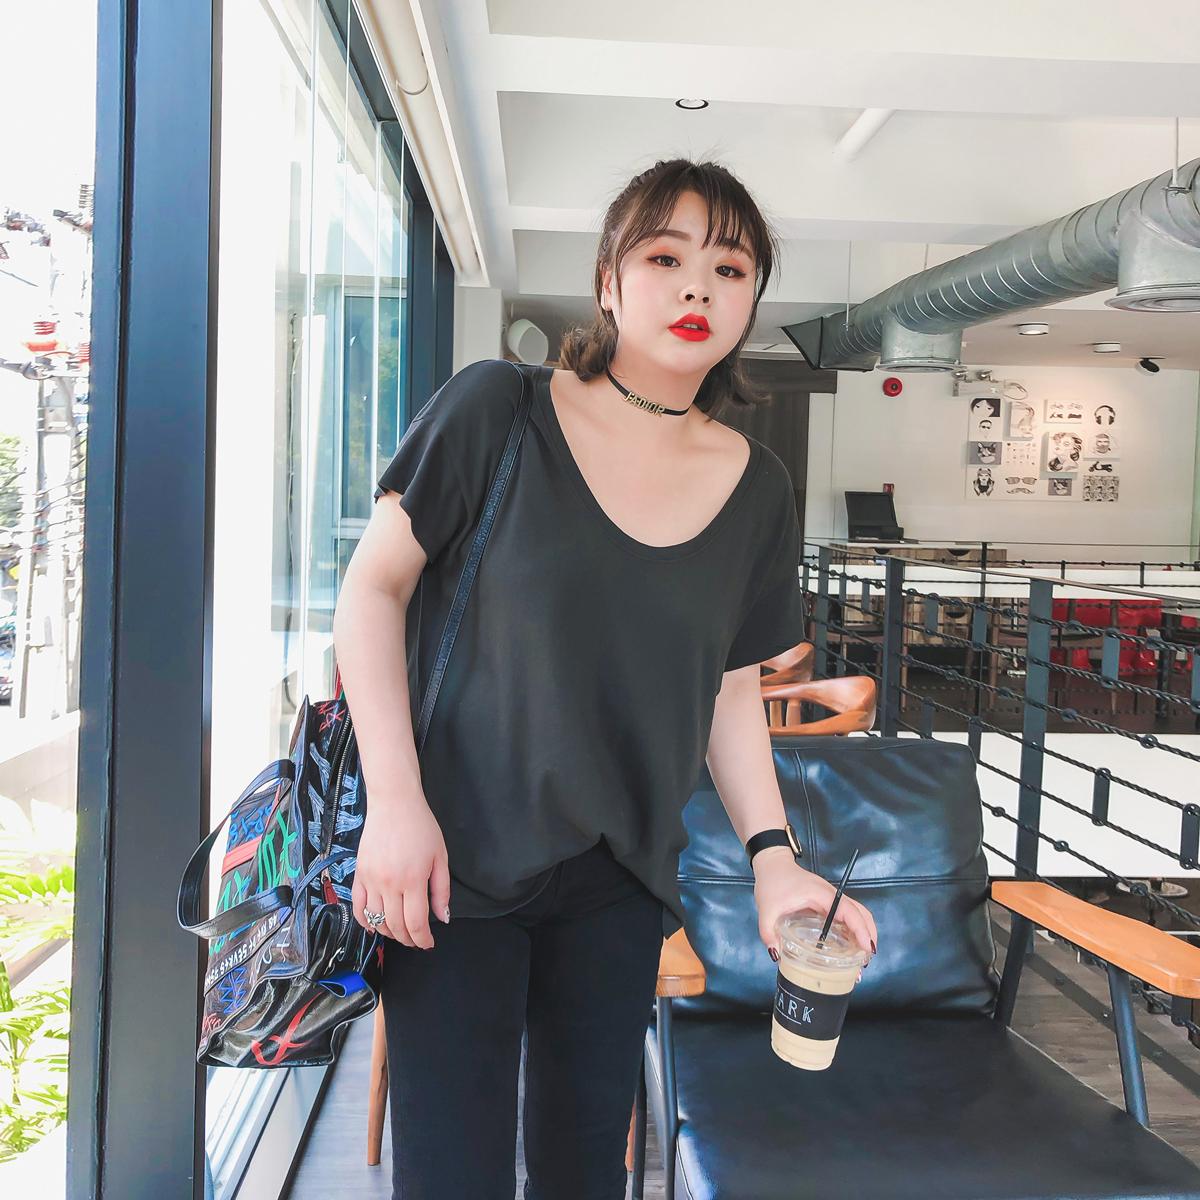 Кристалл кудахтанье домой 2018 весна новый корейский куртка женщина студент начать занятия сезон одежда свободные большой размеров T футболки женский с коротким рукавом